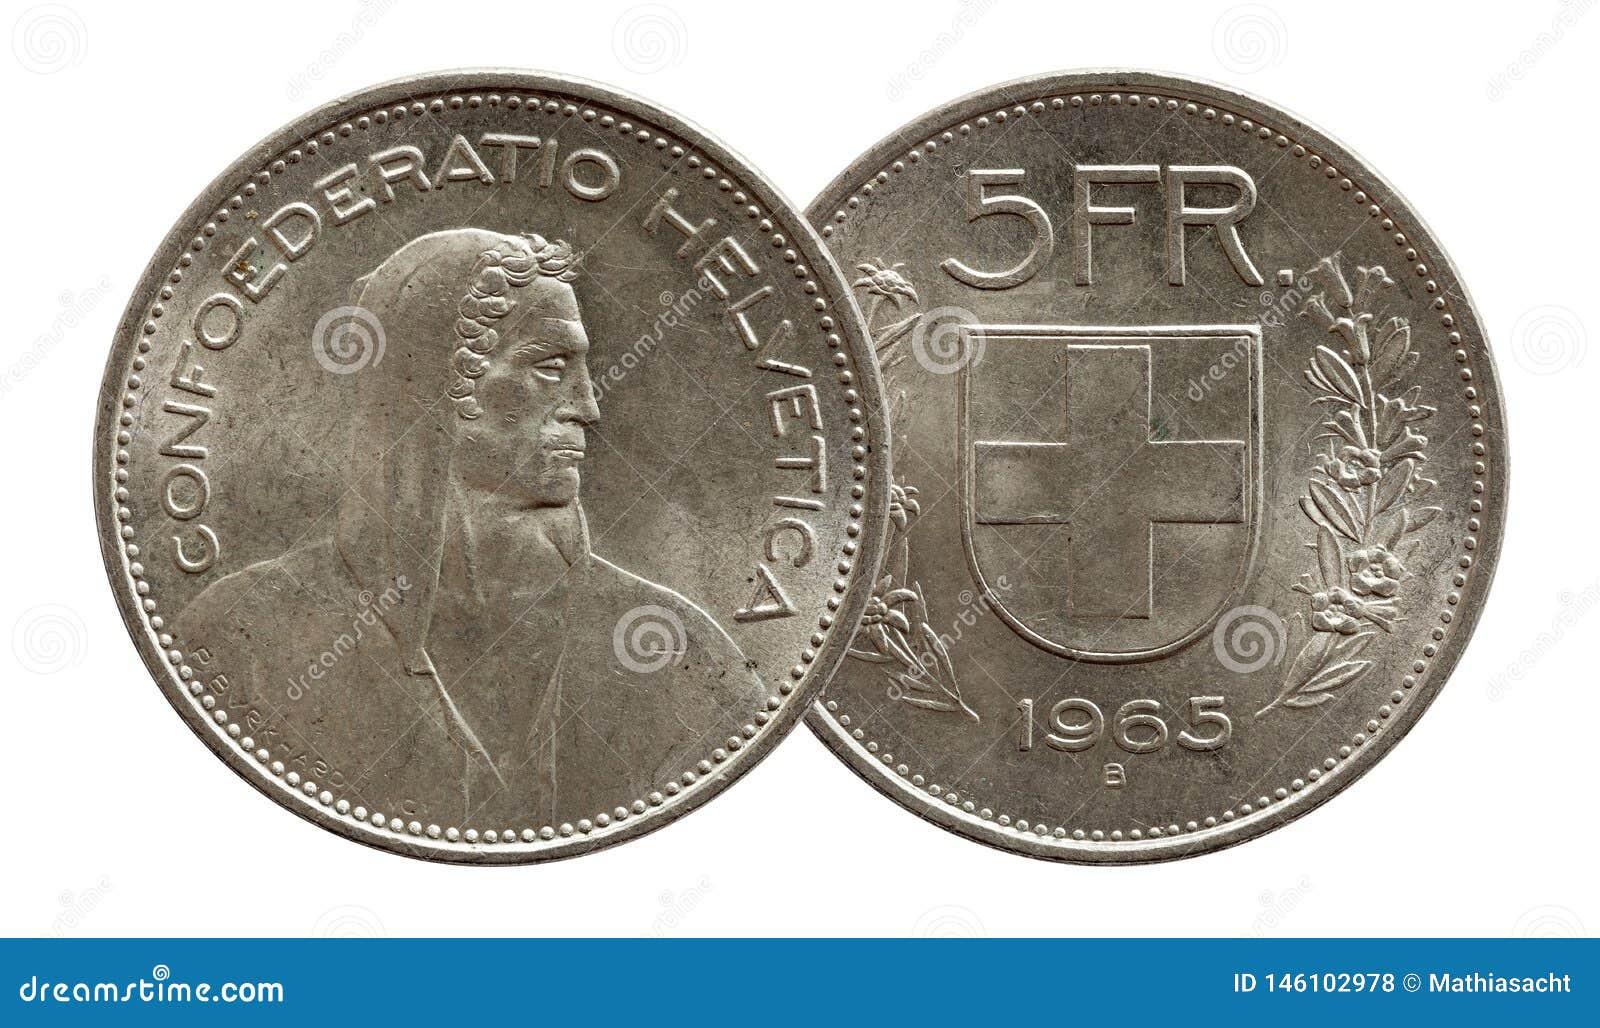 Schweizer M?nze 5 der Schweiz f?nf Silber des Franken 1965 lokalisiert auf wei?em Hintergrund